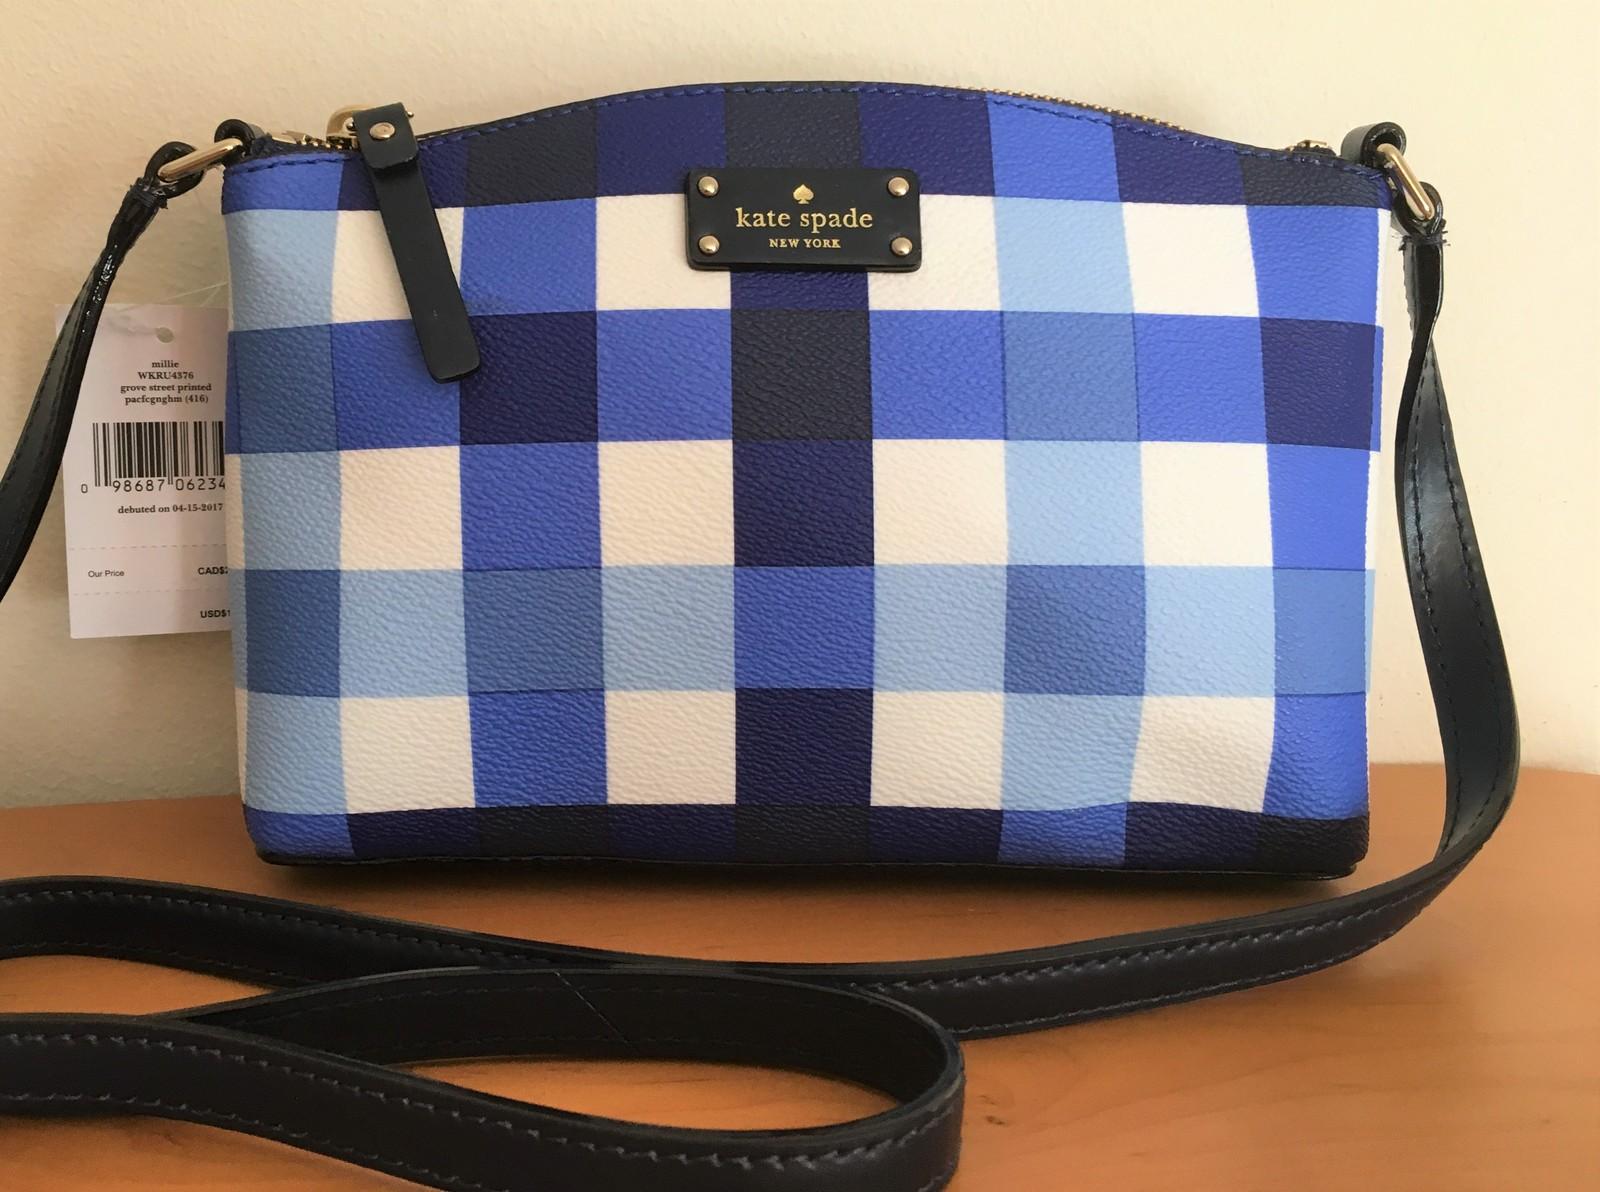 27a63d017 Kate Spade Grove Street Millie Crossbody Bag and 50 similar items. Img 0559